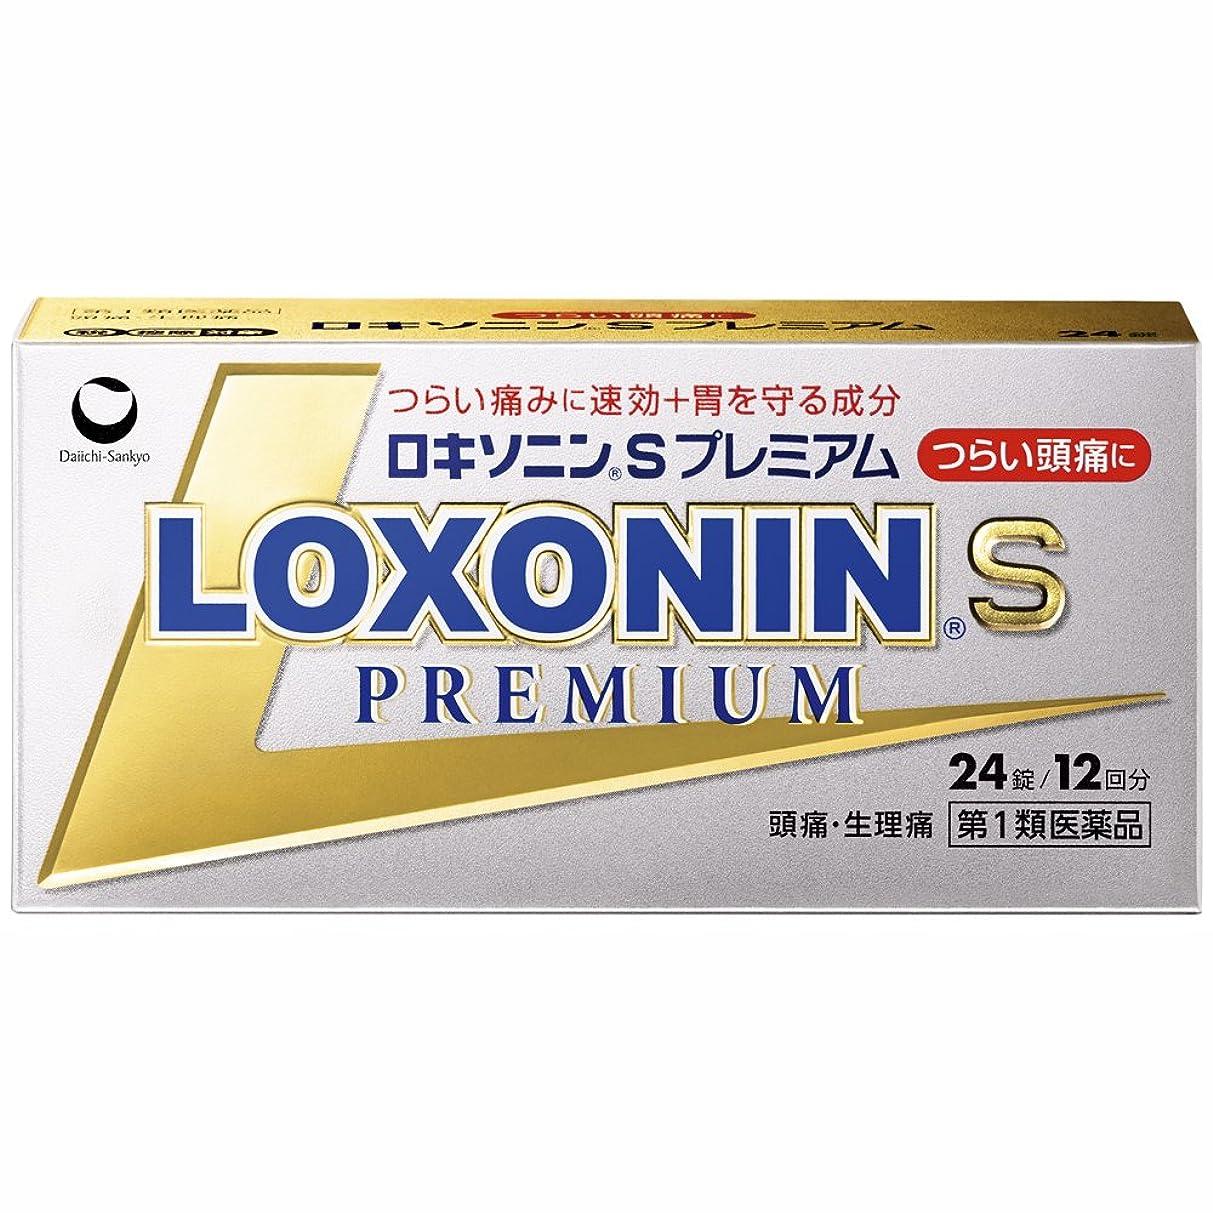 かかわらず悪因子ただ【第1類医薬品】ロキソニンSプレミアム 24錠 ※セルフメディケーション税制対象商品